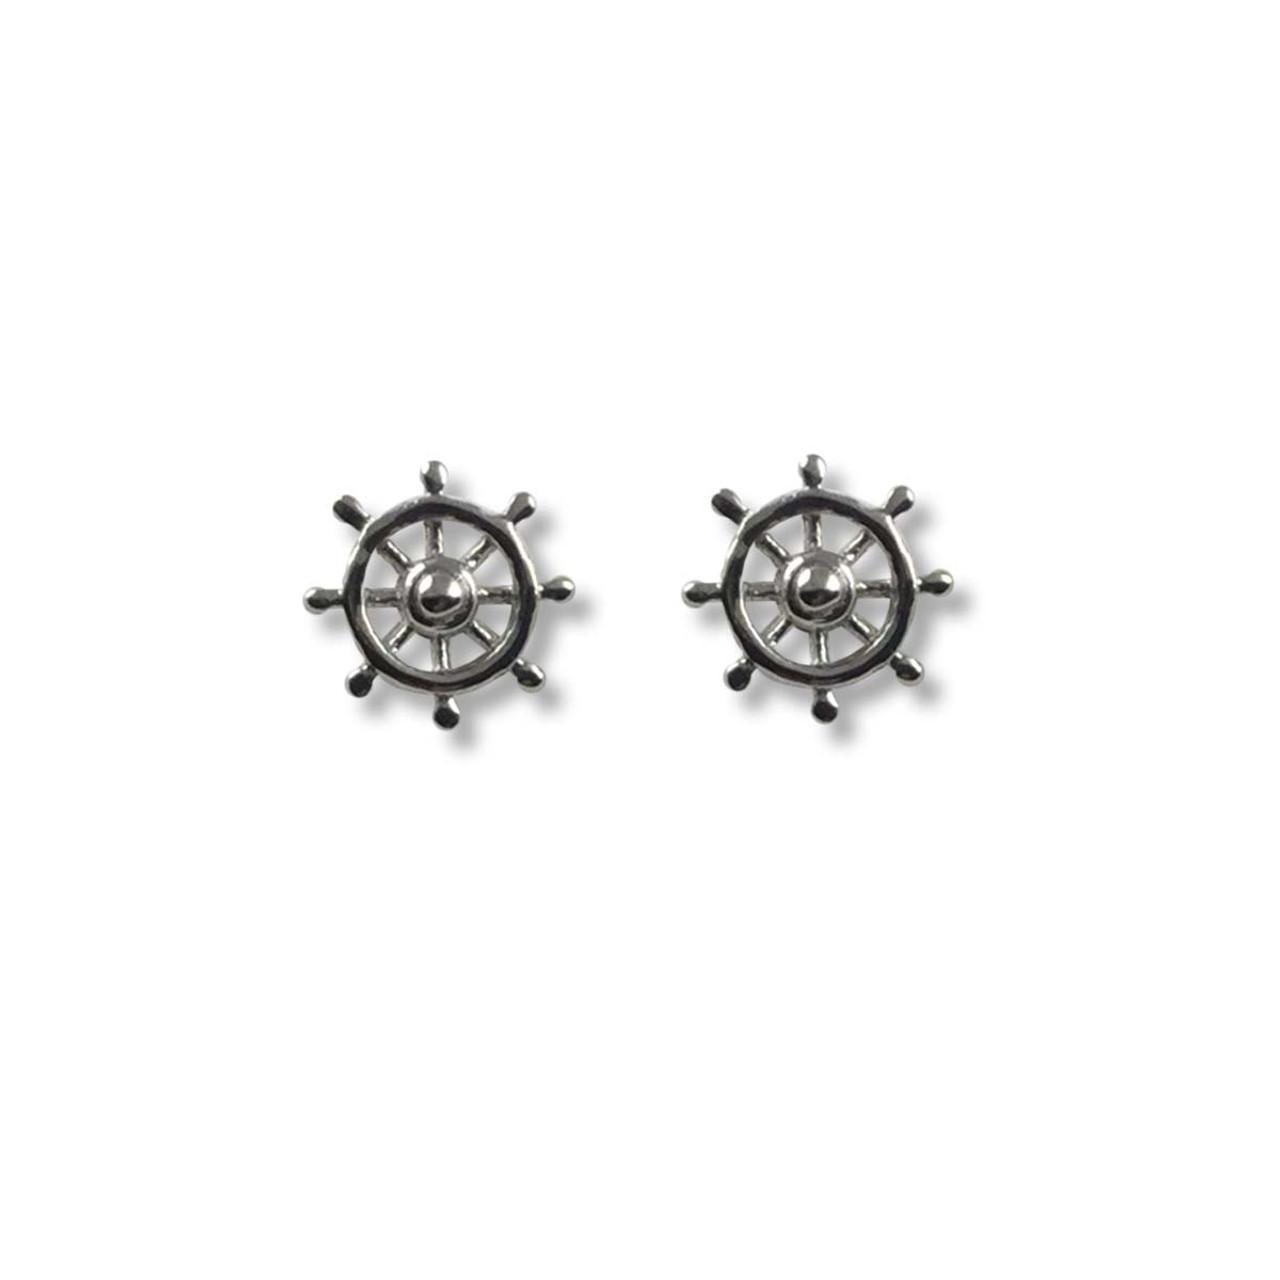 aed4d7c6a Sterling Silver Ship's Wheel Post Earrings - JH Breakell & Co.